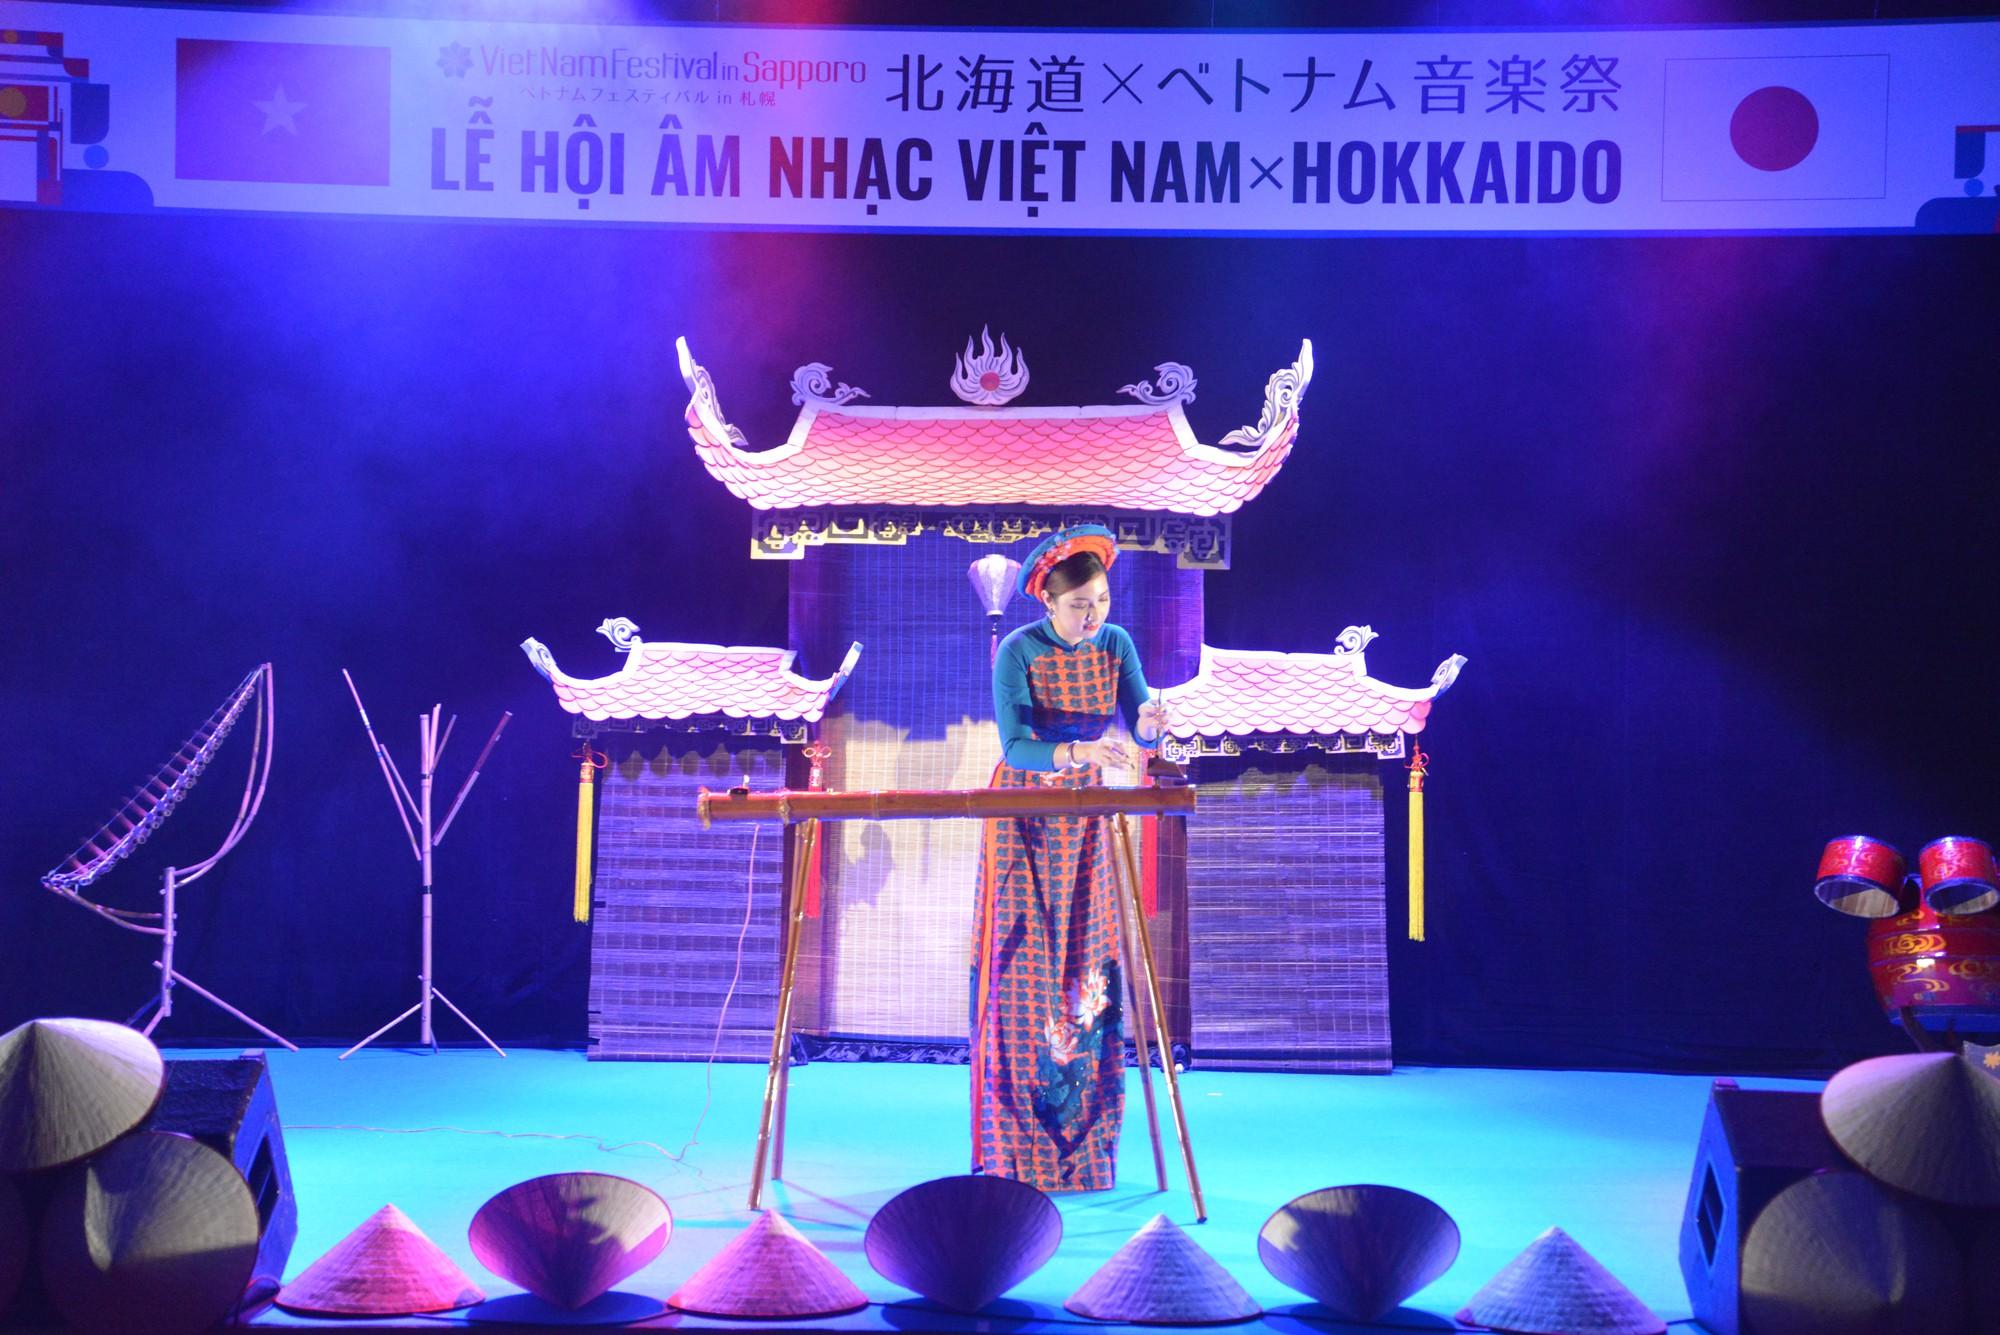 Lễ hội Việt Nam tại Sapporo năm 2019 lần thứ nhất - Ảnh 9.